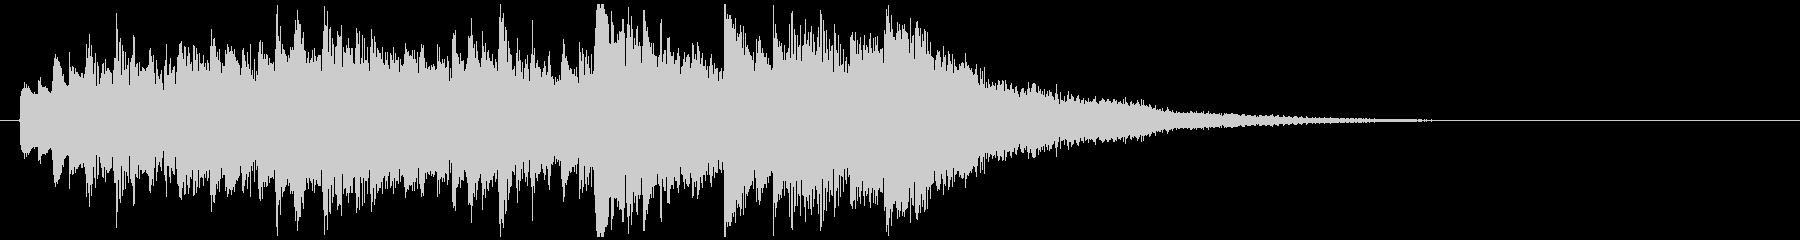 感動壮大ピアノジングル 映像向クラシックの未再生の波形